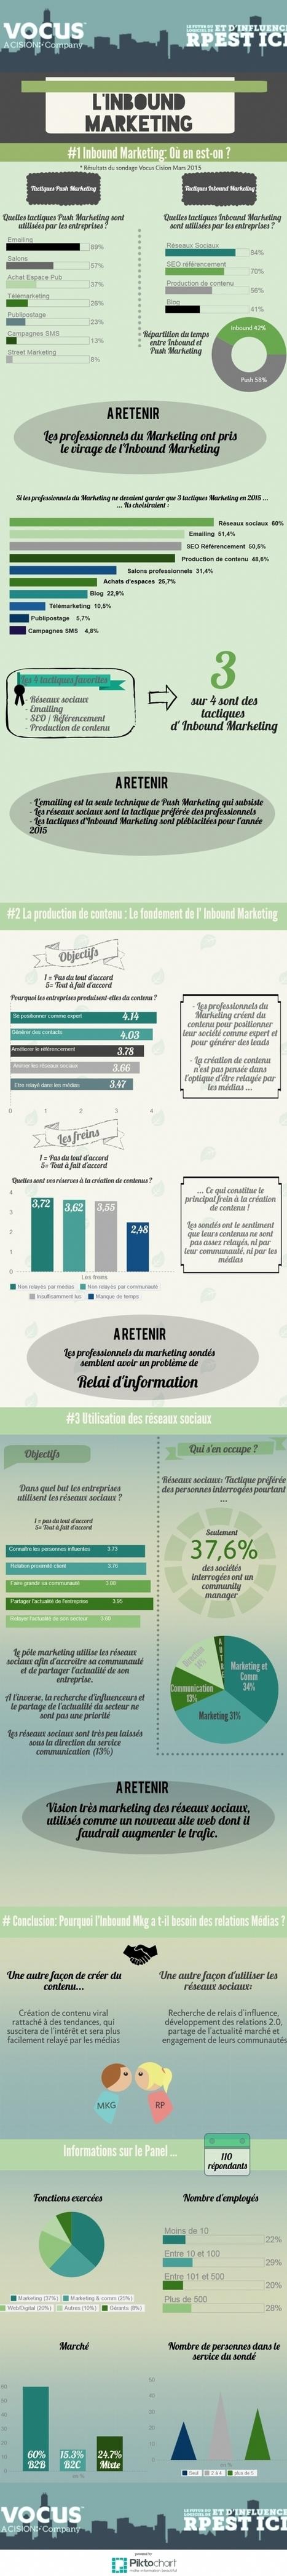 Infographie | emailing, réseaux sociaux, SEO, 3 techniques d'Inbound marketing | Digital Martketing 101 | Scoop.it